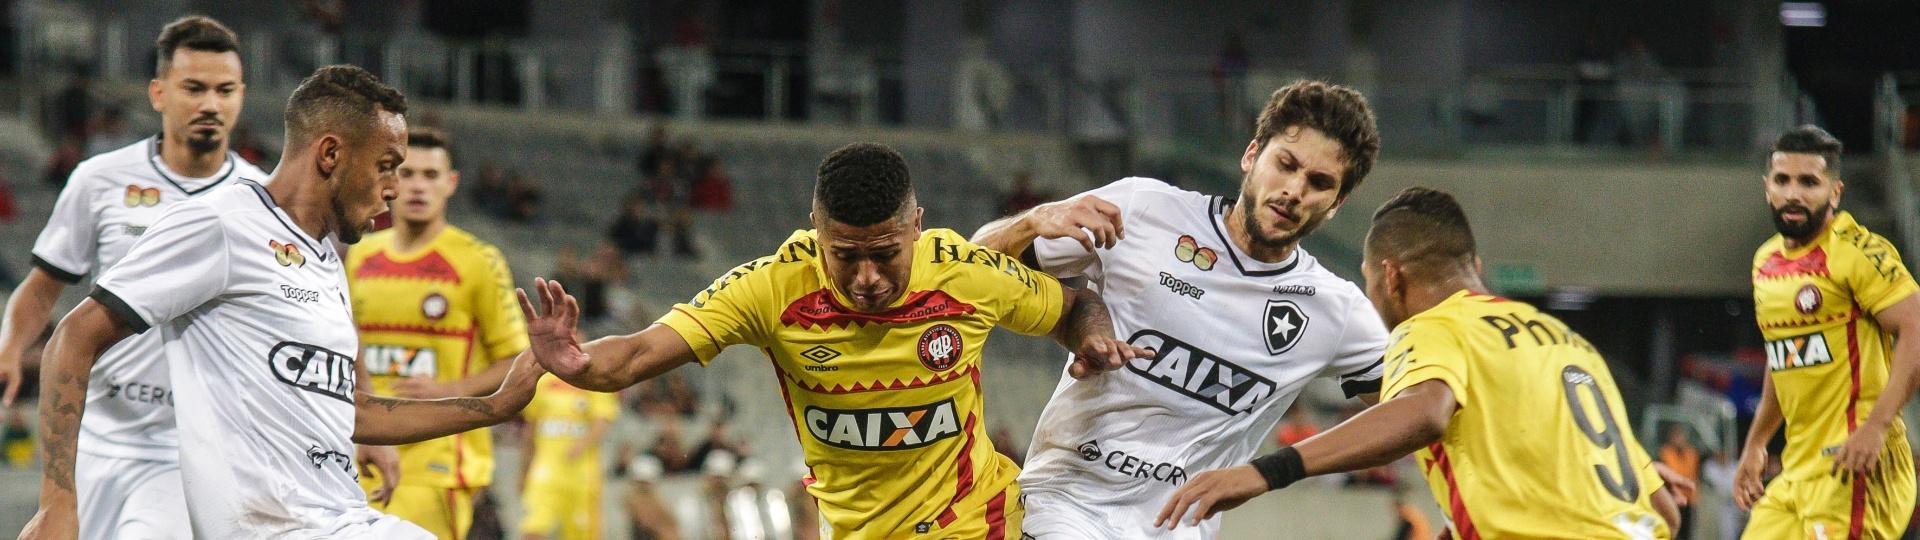 Bergson e Igor Rabello disputam bola durante a partida entre Atlético-PR e Botafogo